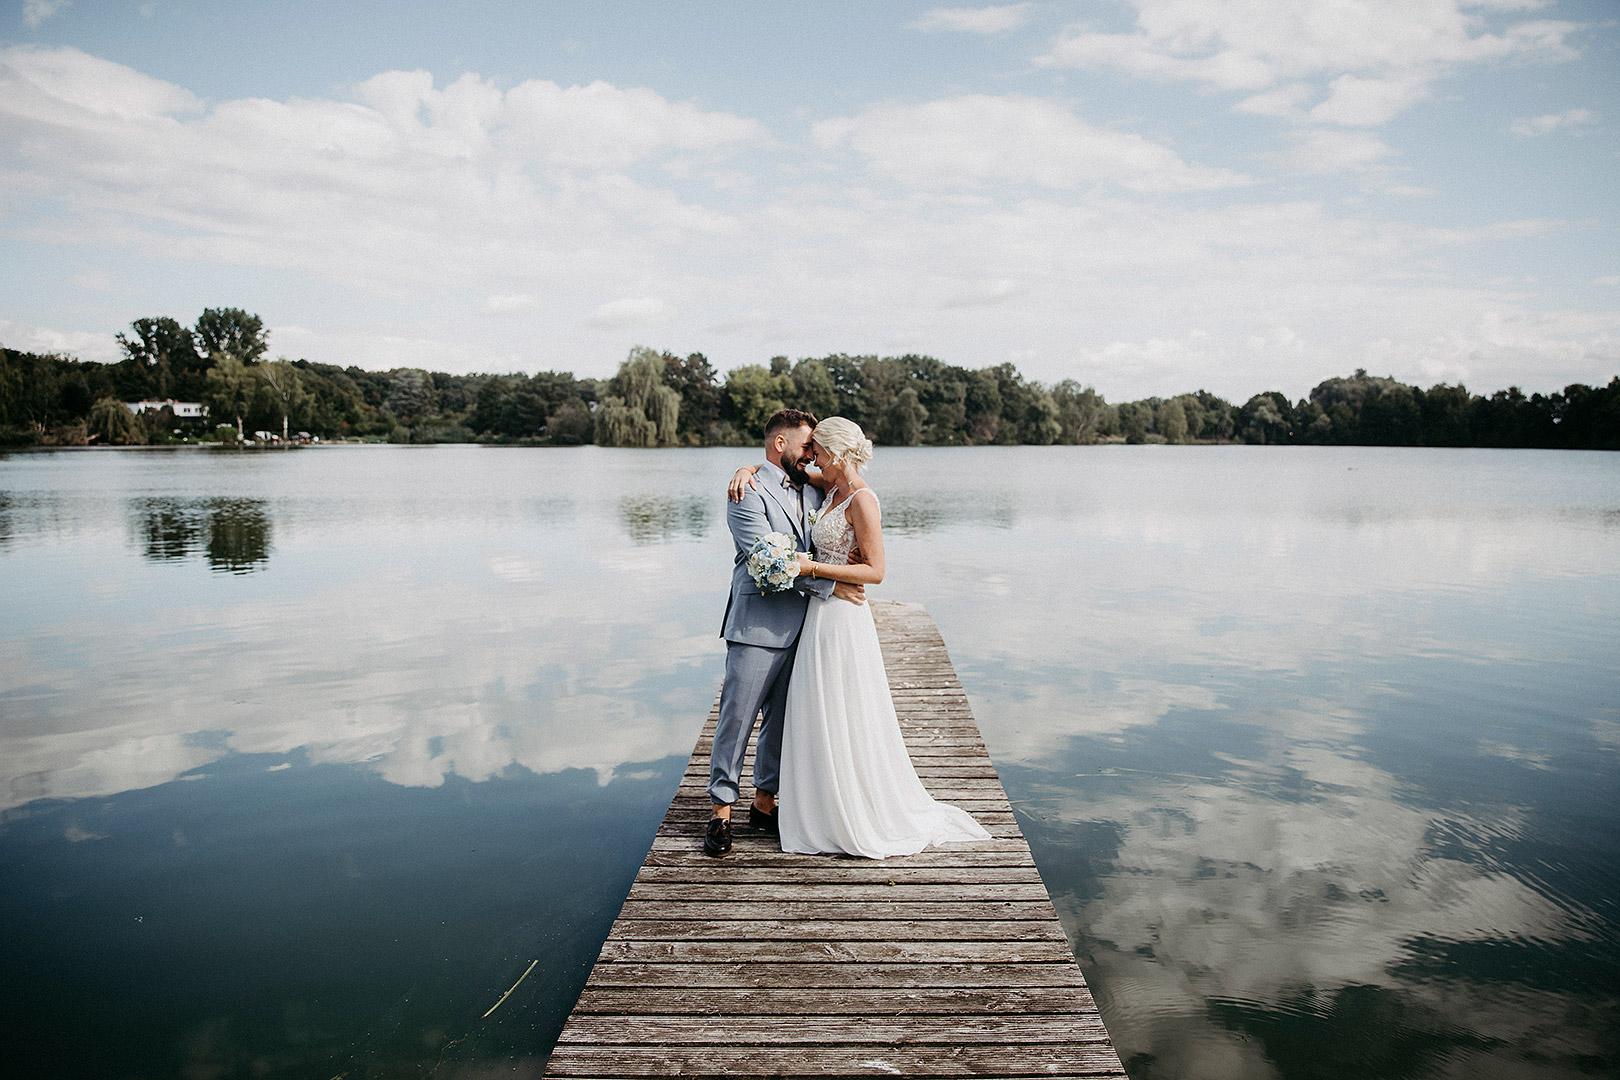 portrait_wedding_seeliebe_birkensee_30